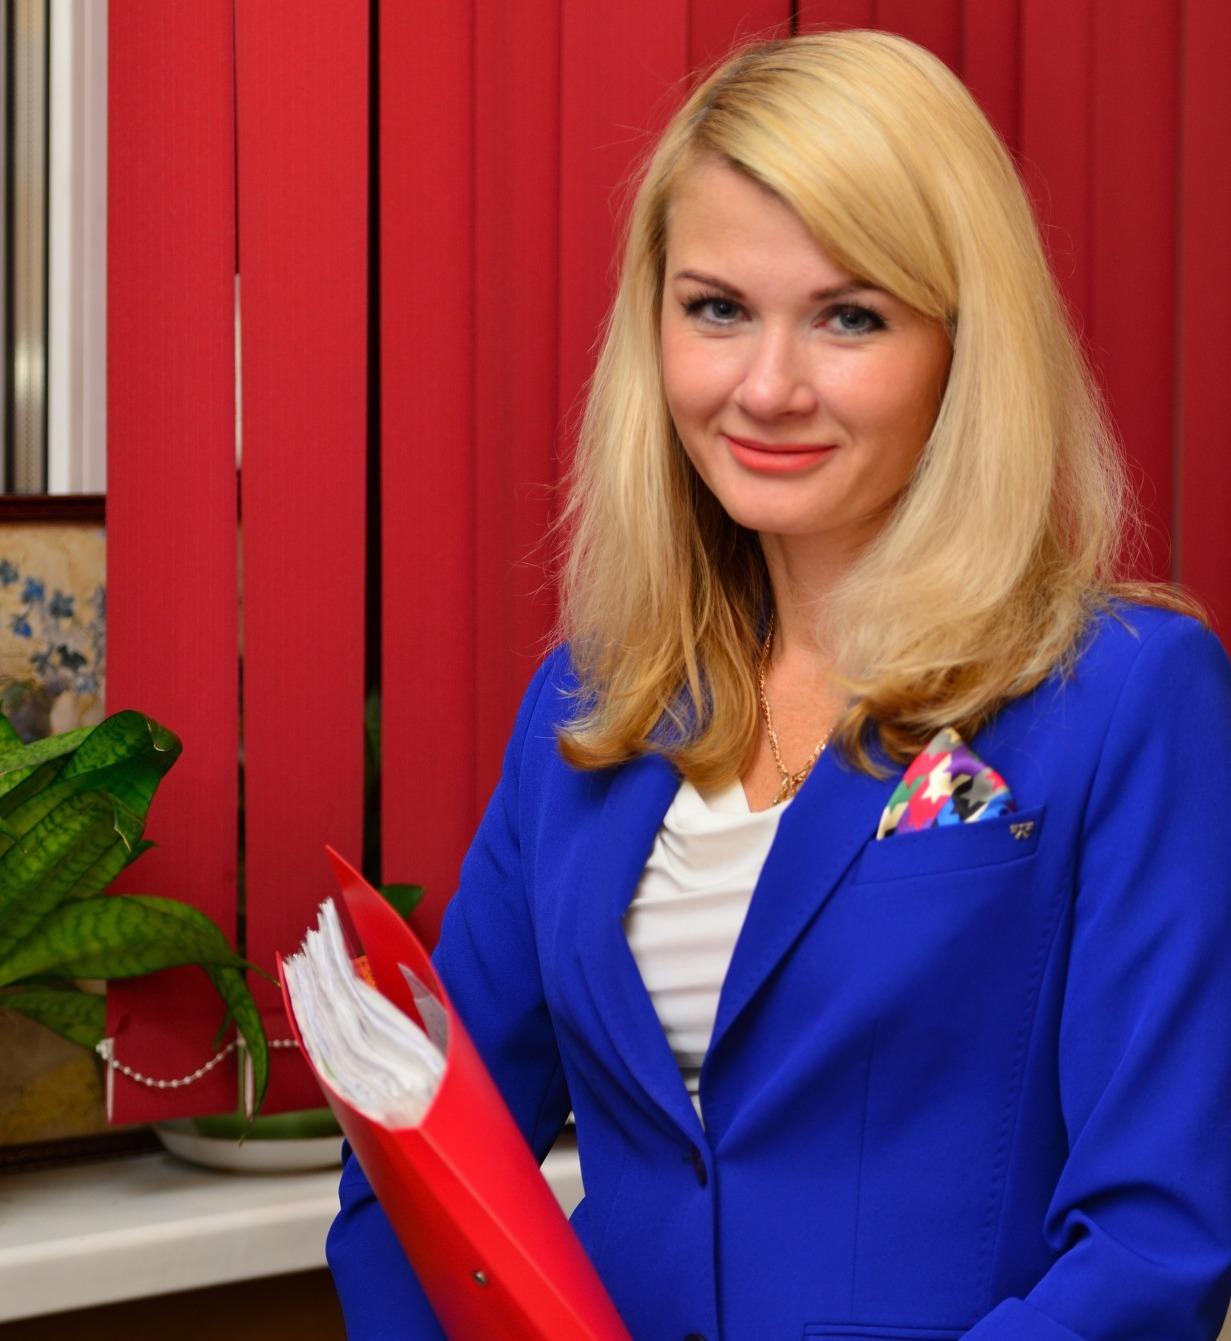 Клейменова Марина Олеговна